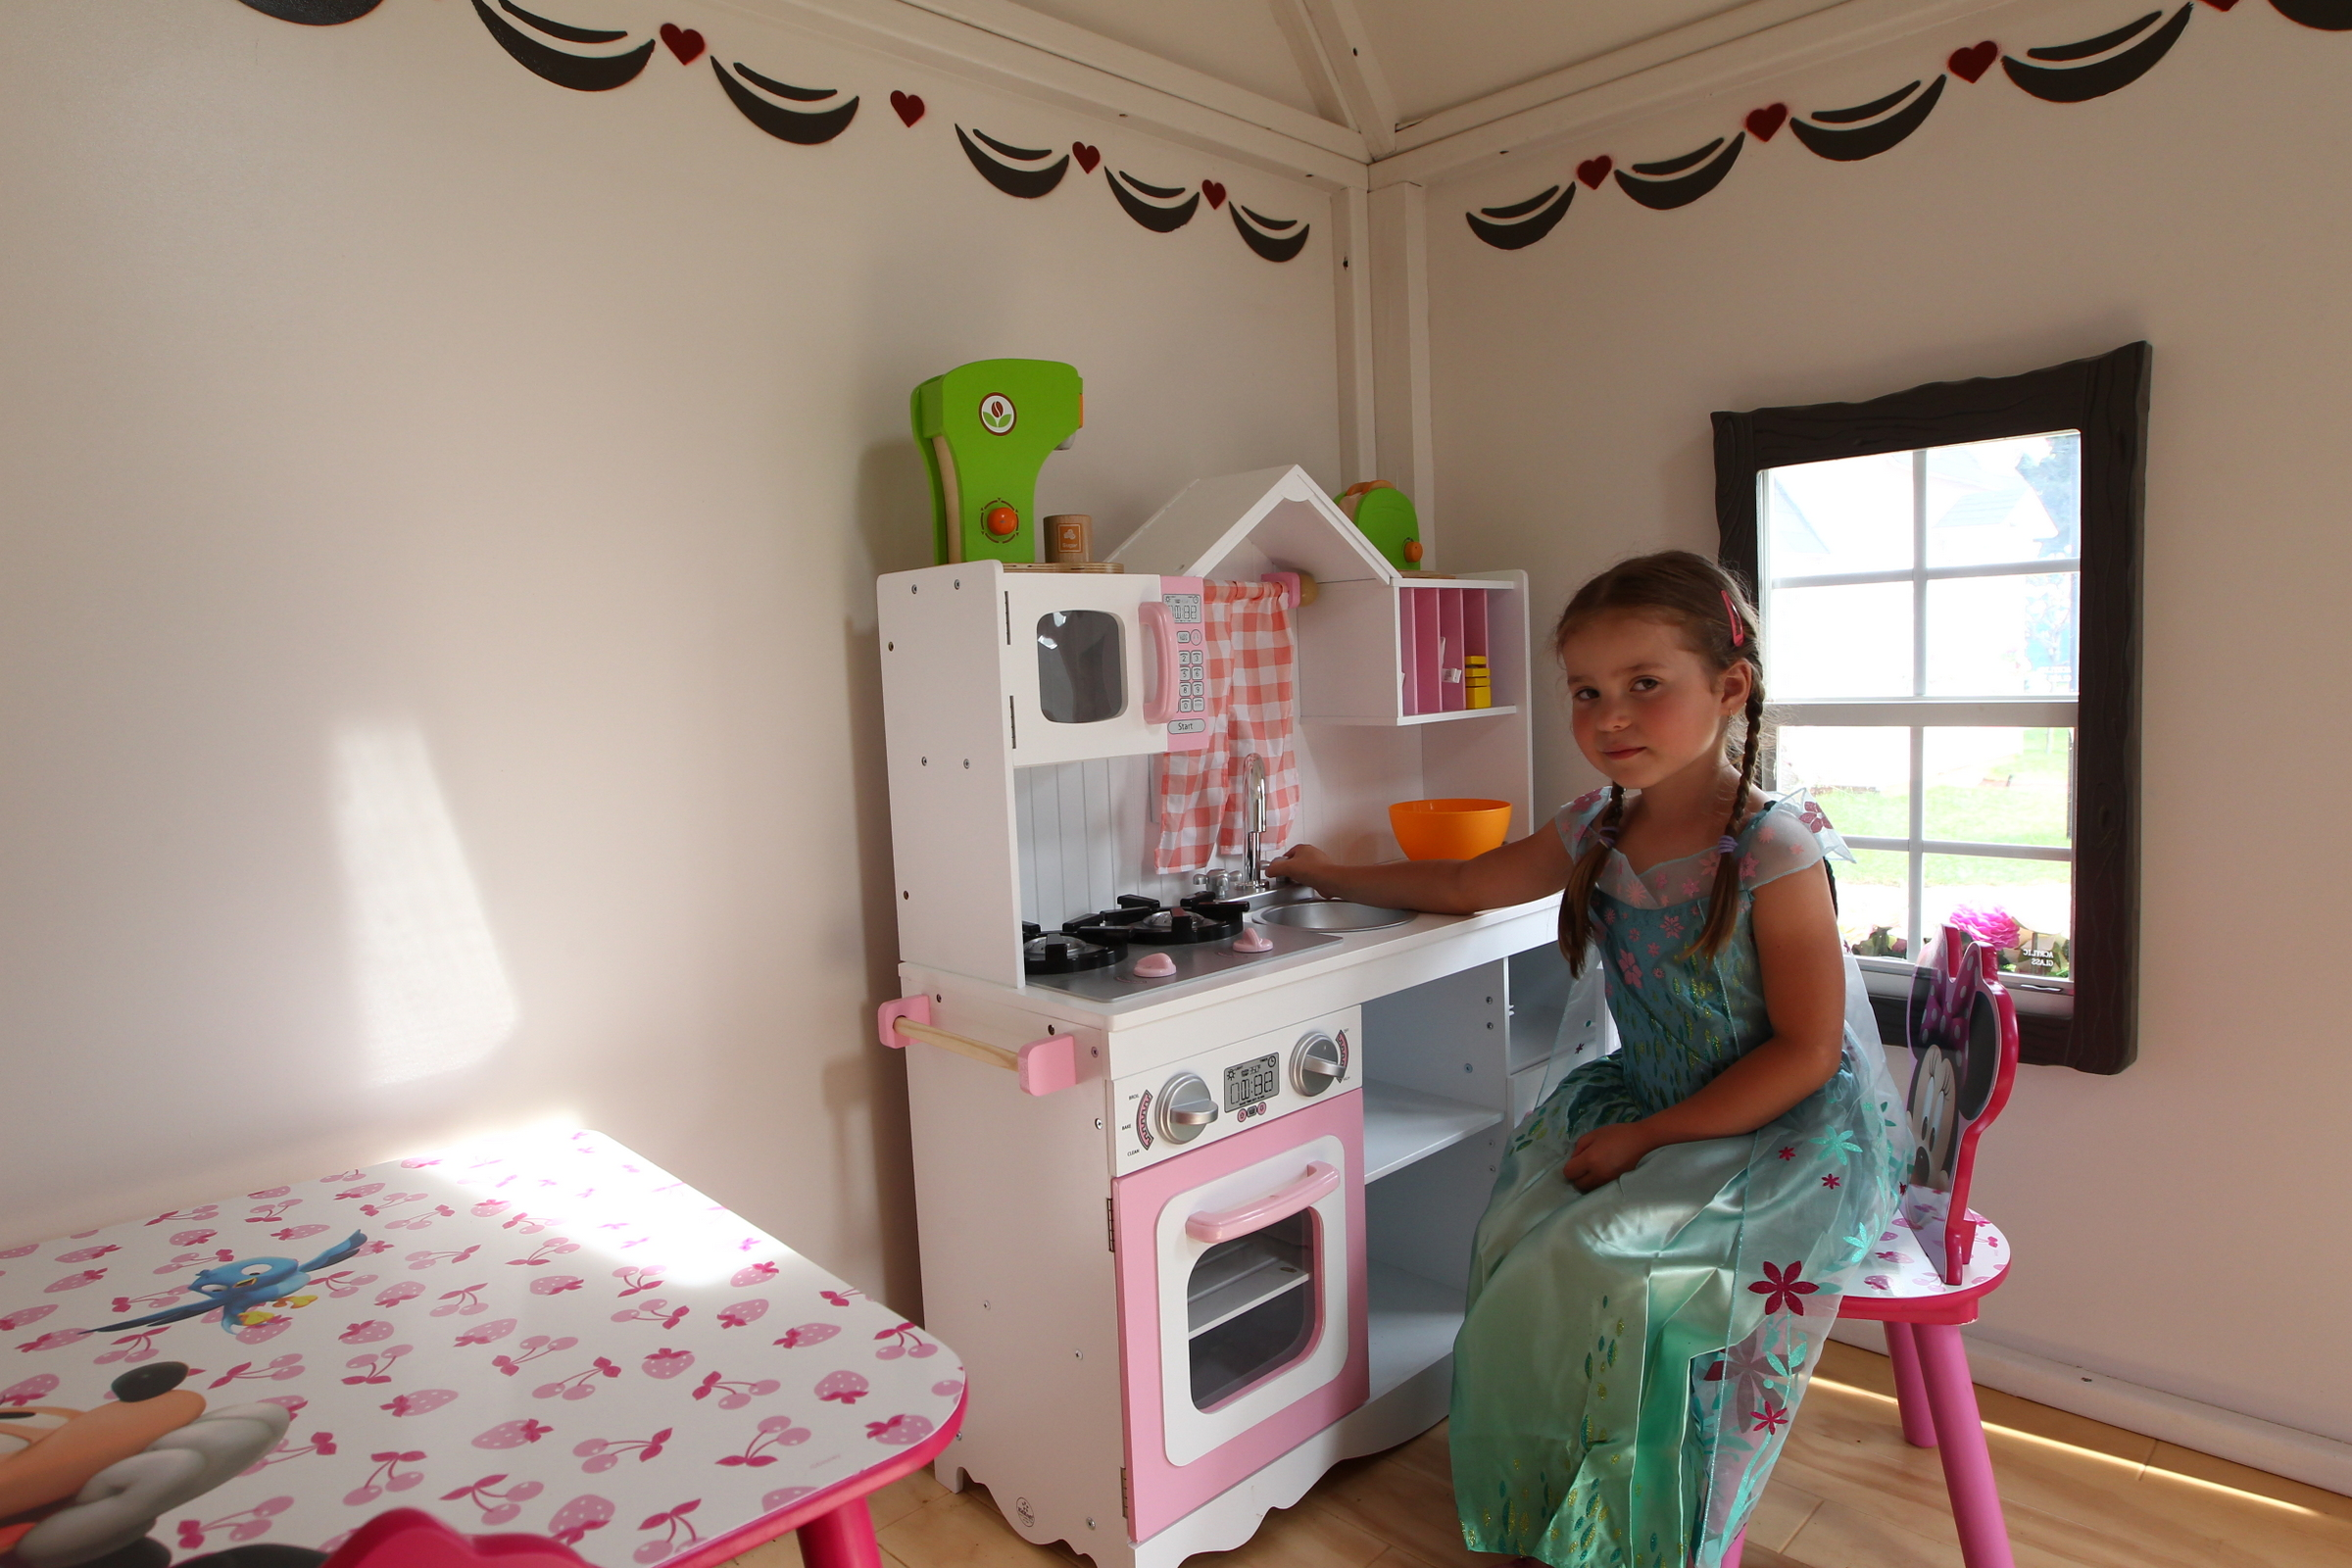 Dievčatko sediace v detskom domčeku hrajúcu sa v kuchynke